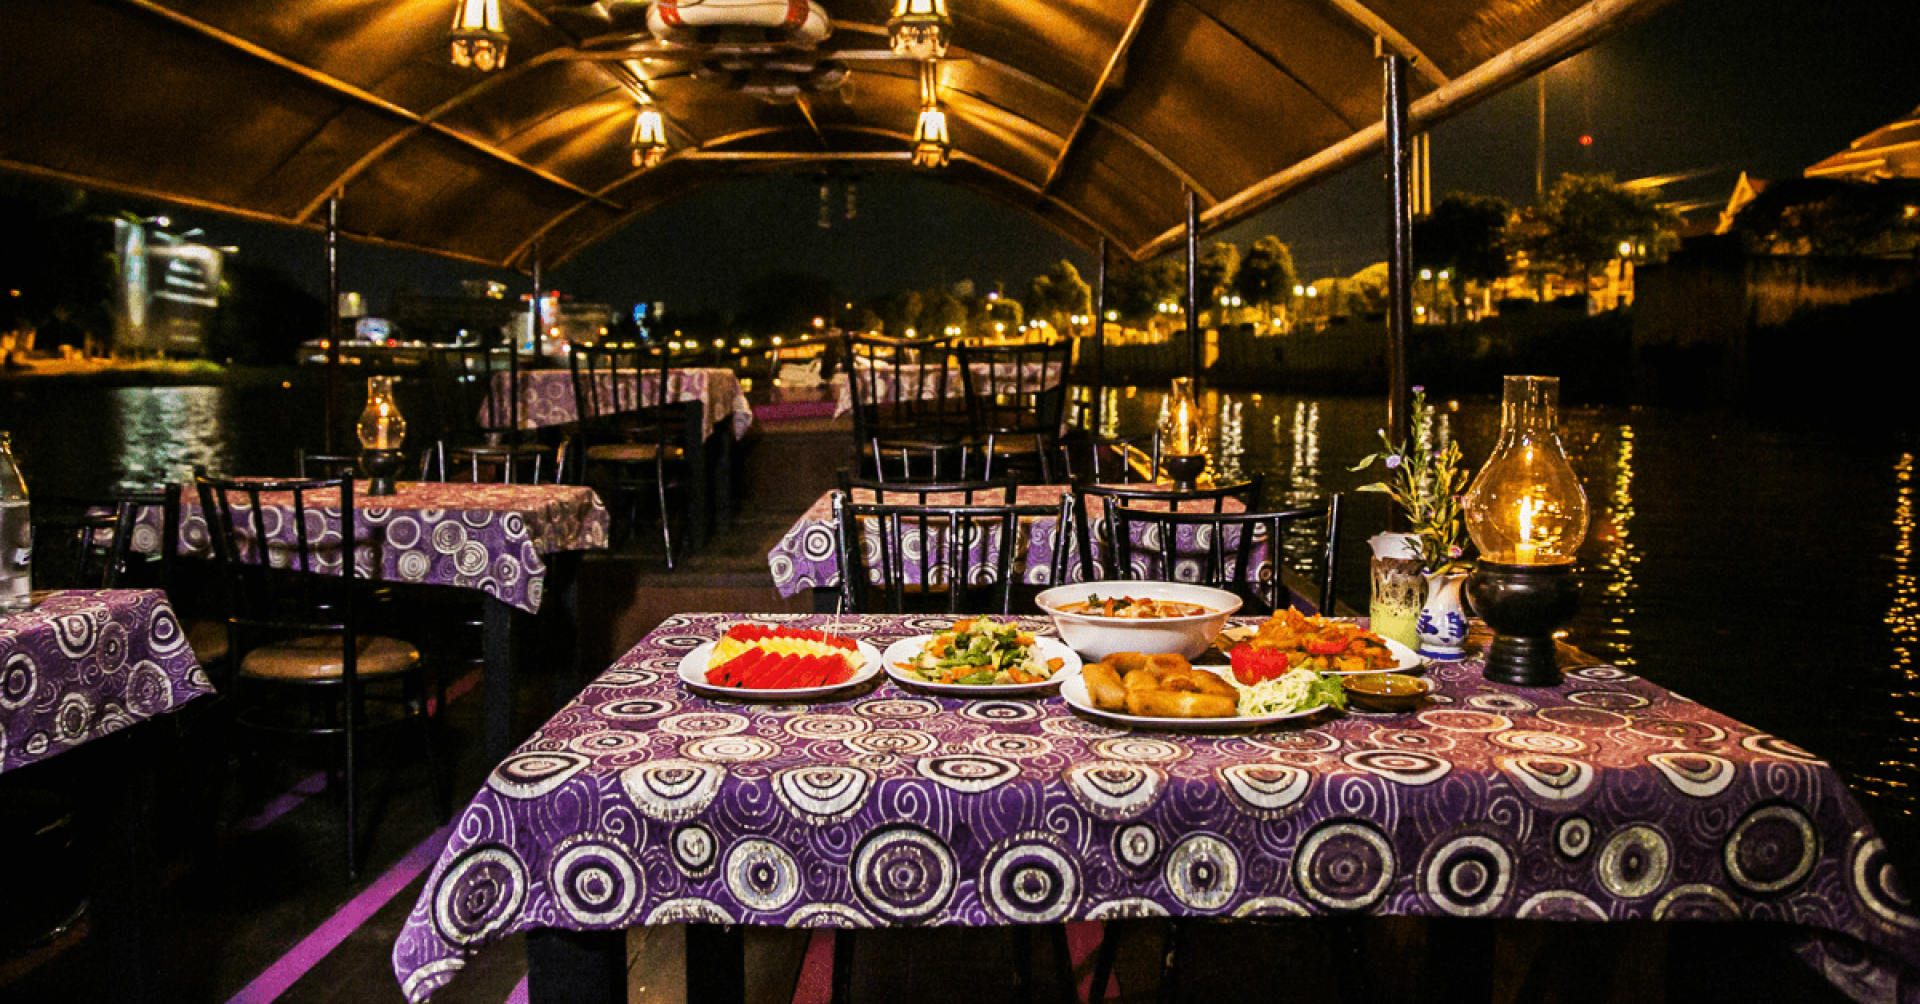 【清邁浪漫微光之旅】湄平河遊船與泰式套餐